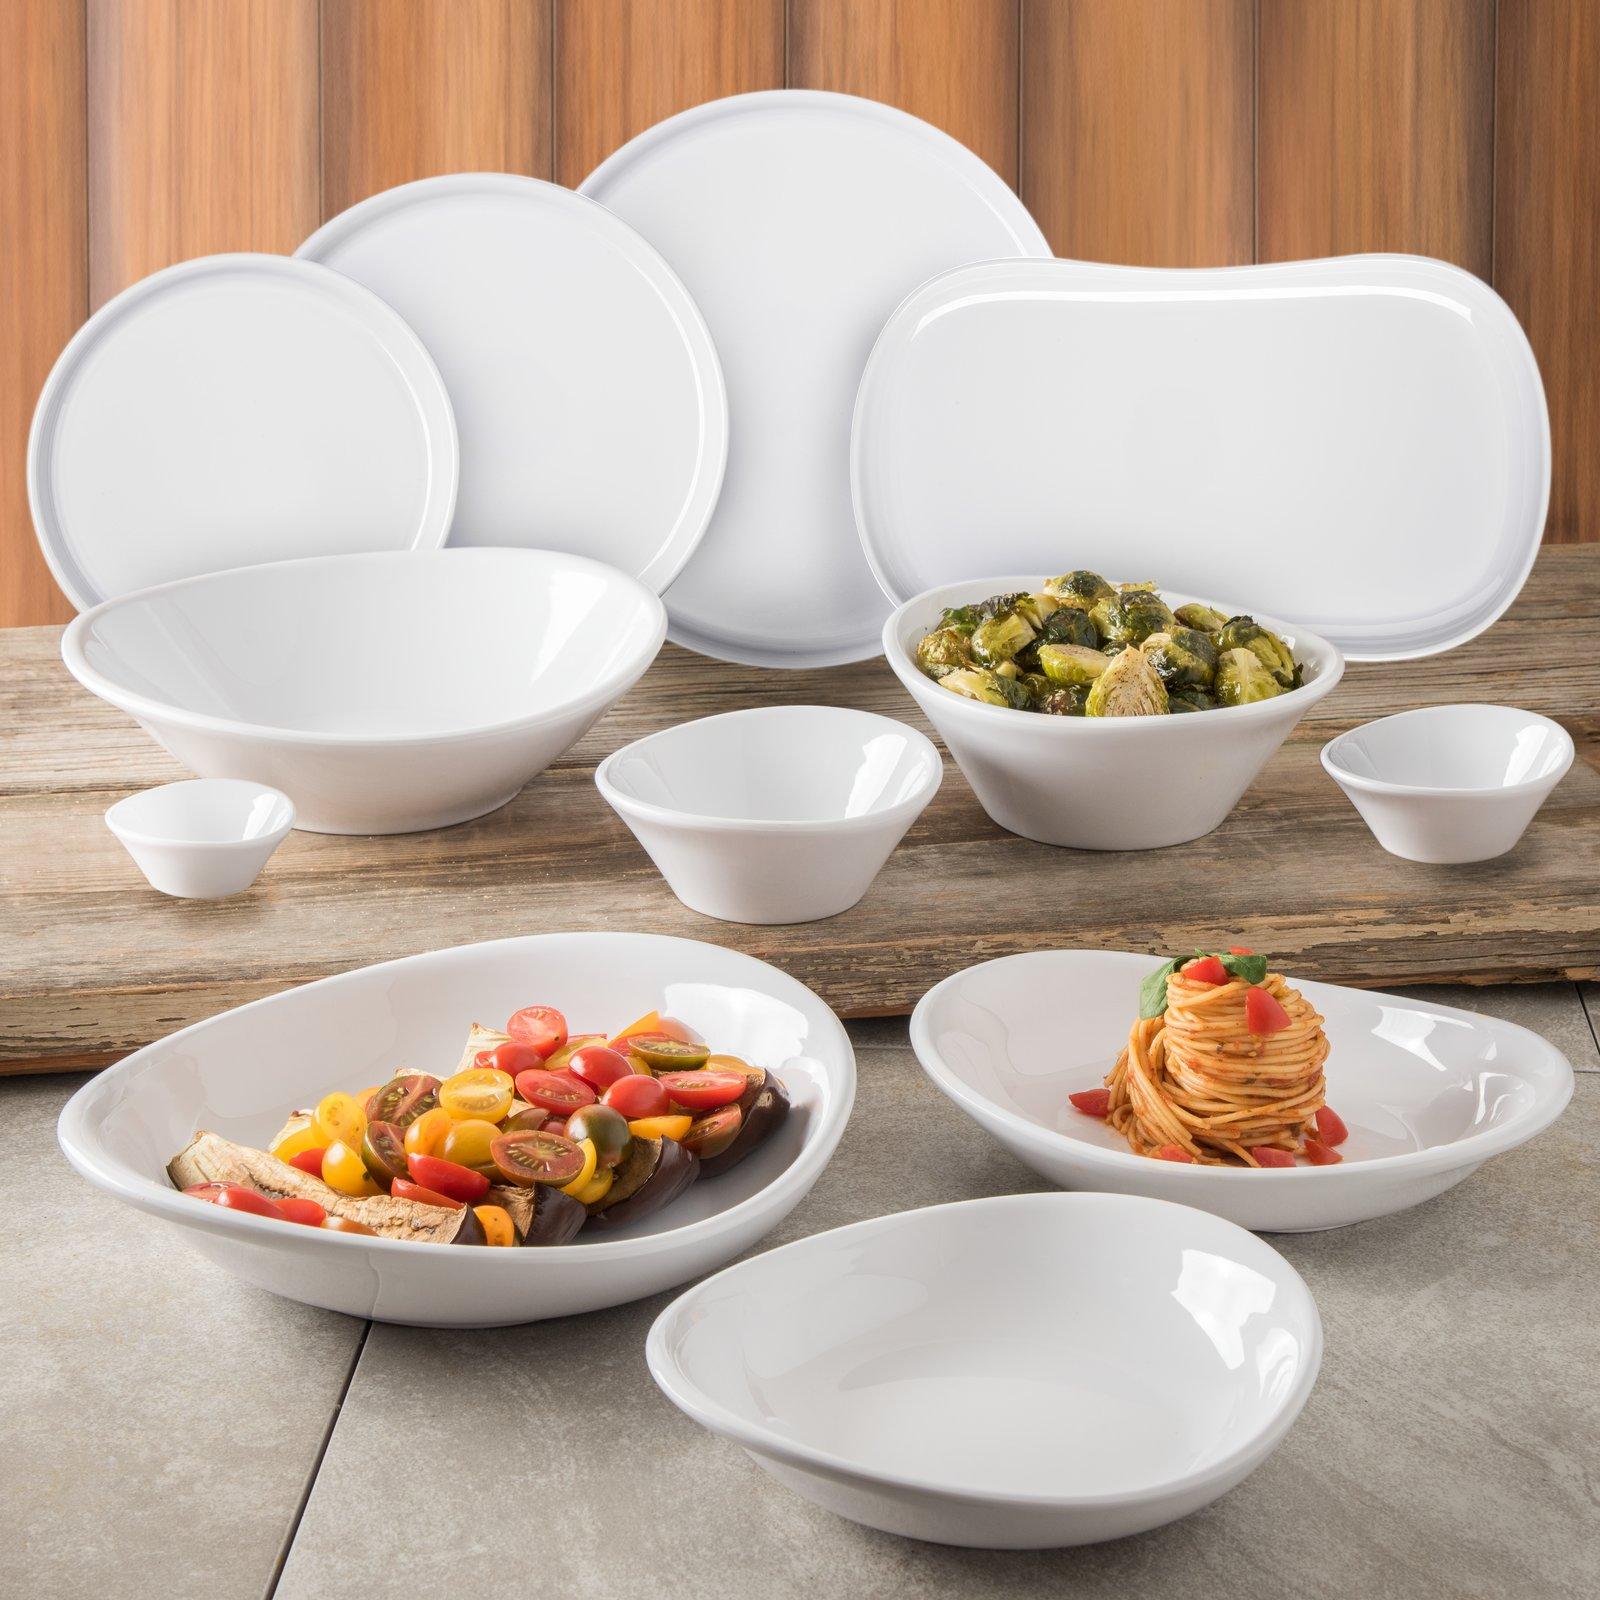 5300902 Stadia Melamine Platter 13 X 7 White Carlisle Foodservice Products